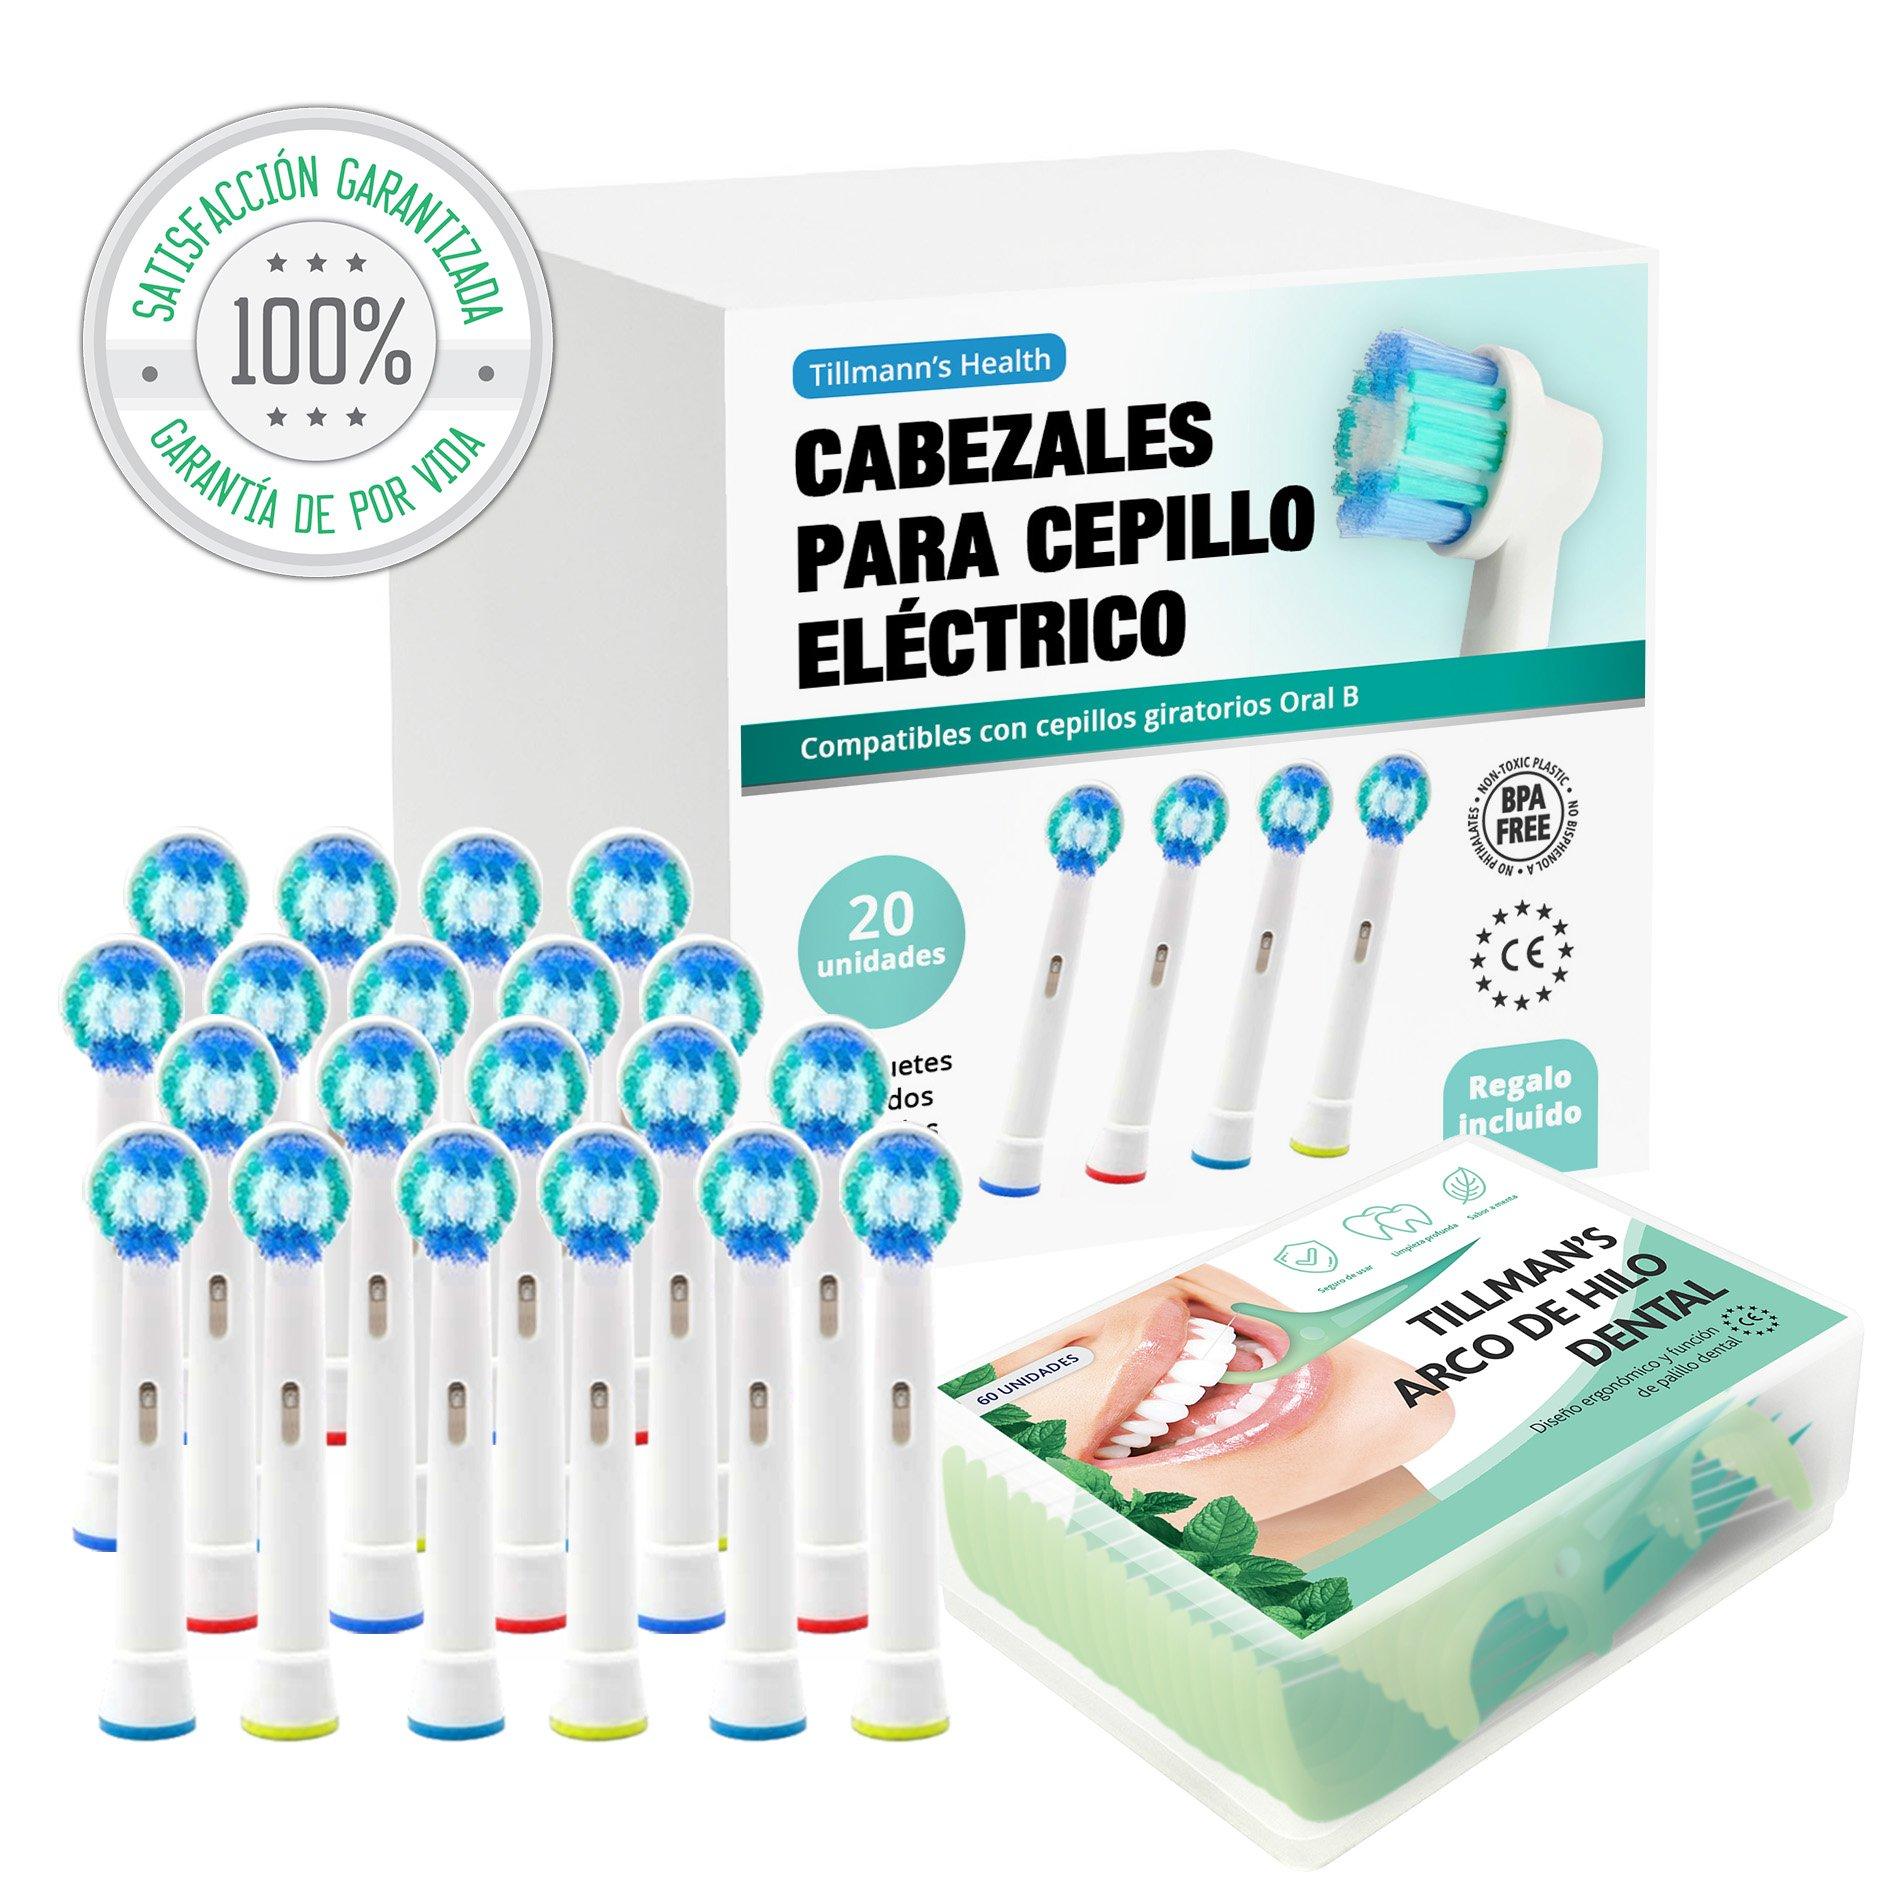 Recambios Cepillo Oral B Compatibles 20 Unidades + Arcos Hilo Dental Regalo | Cabezales Cepillos Oral